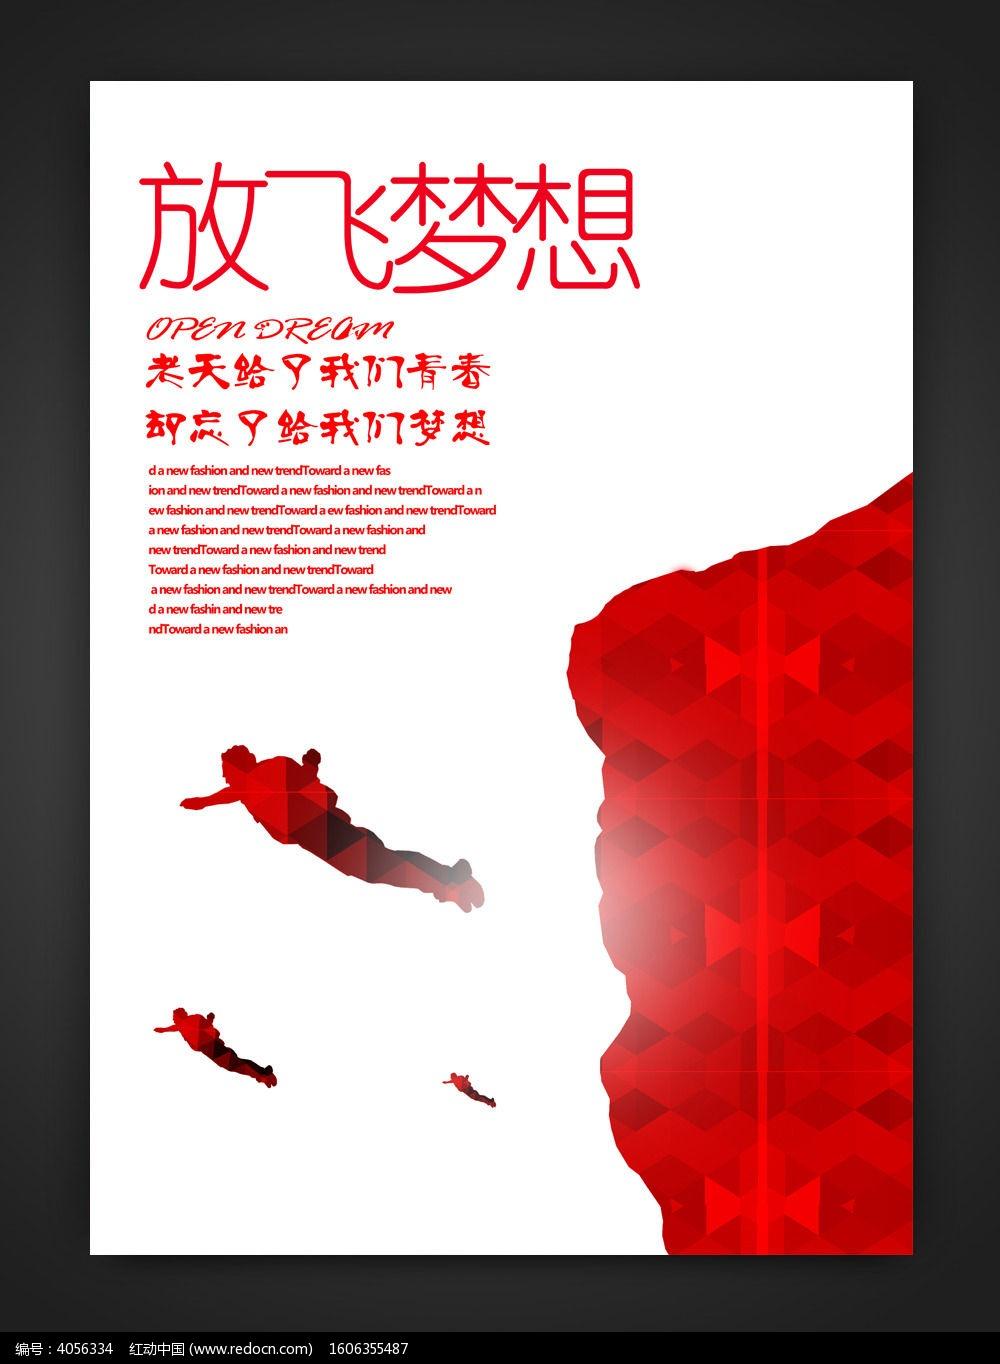 创意放飞梦想海报设计图片